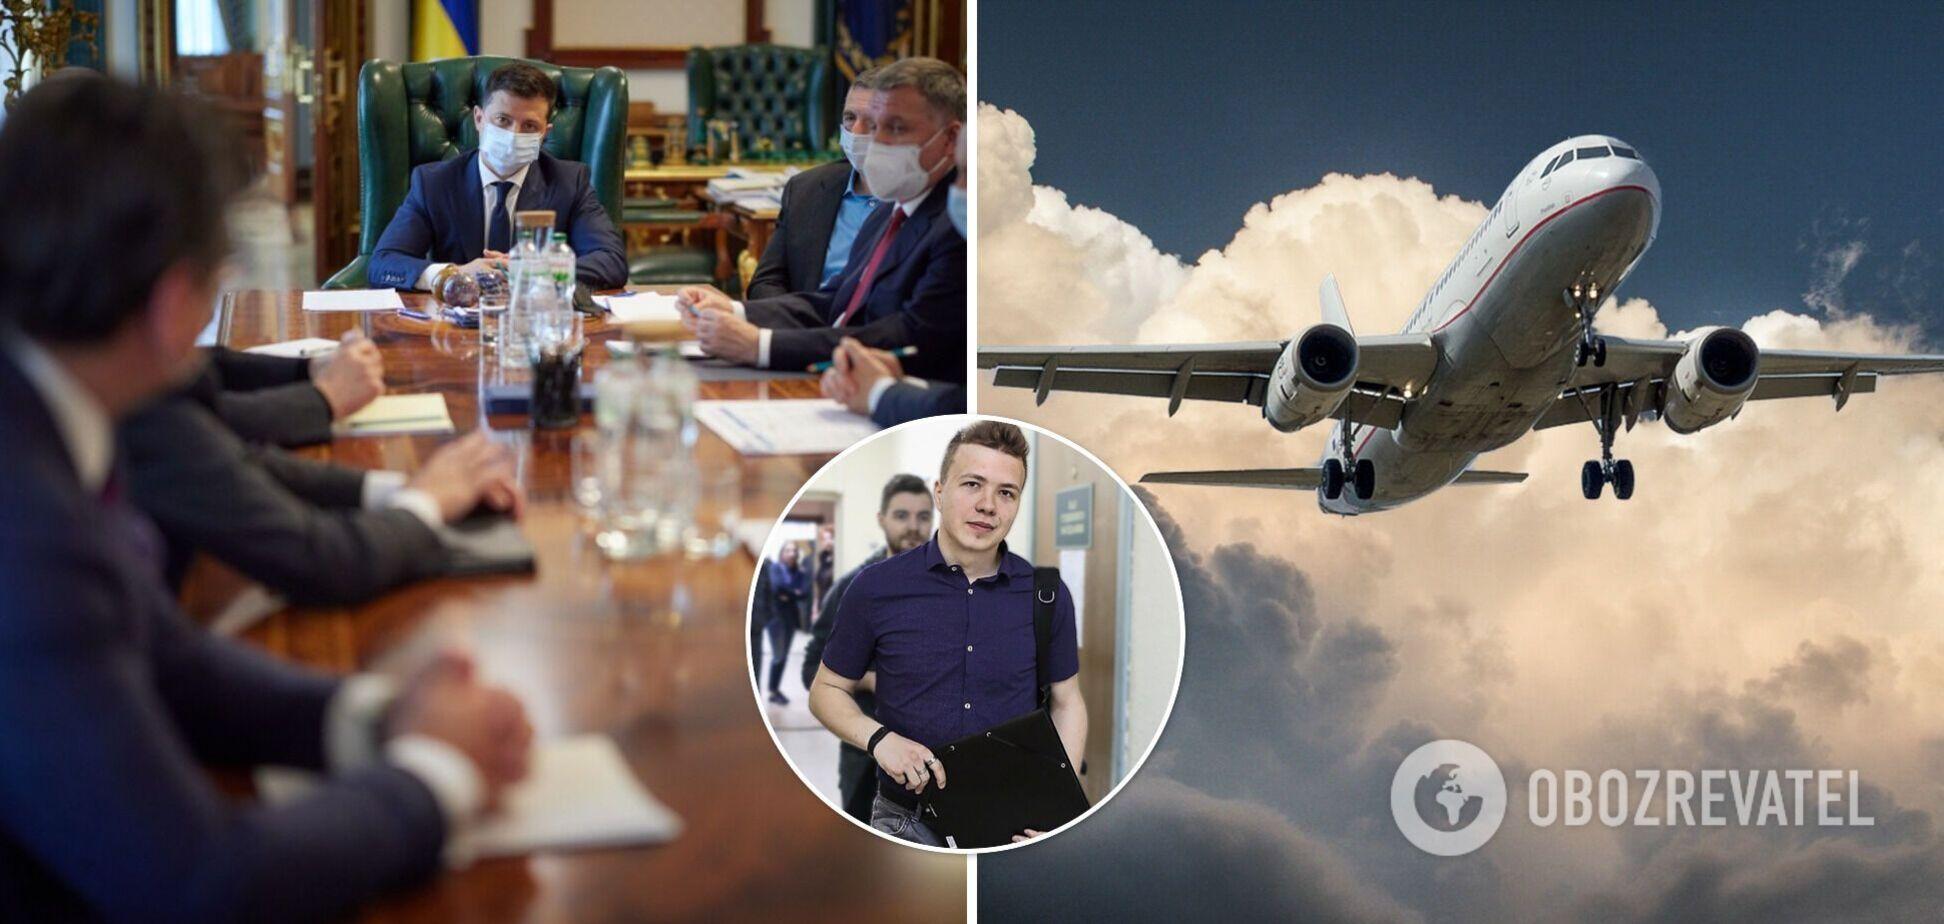 Україна припиняє авіасполучення з Білоруссю і забороняє авіакомпаніям літати над її територією